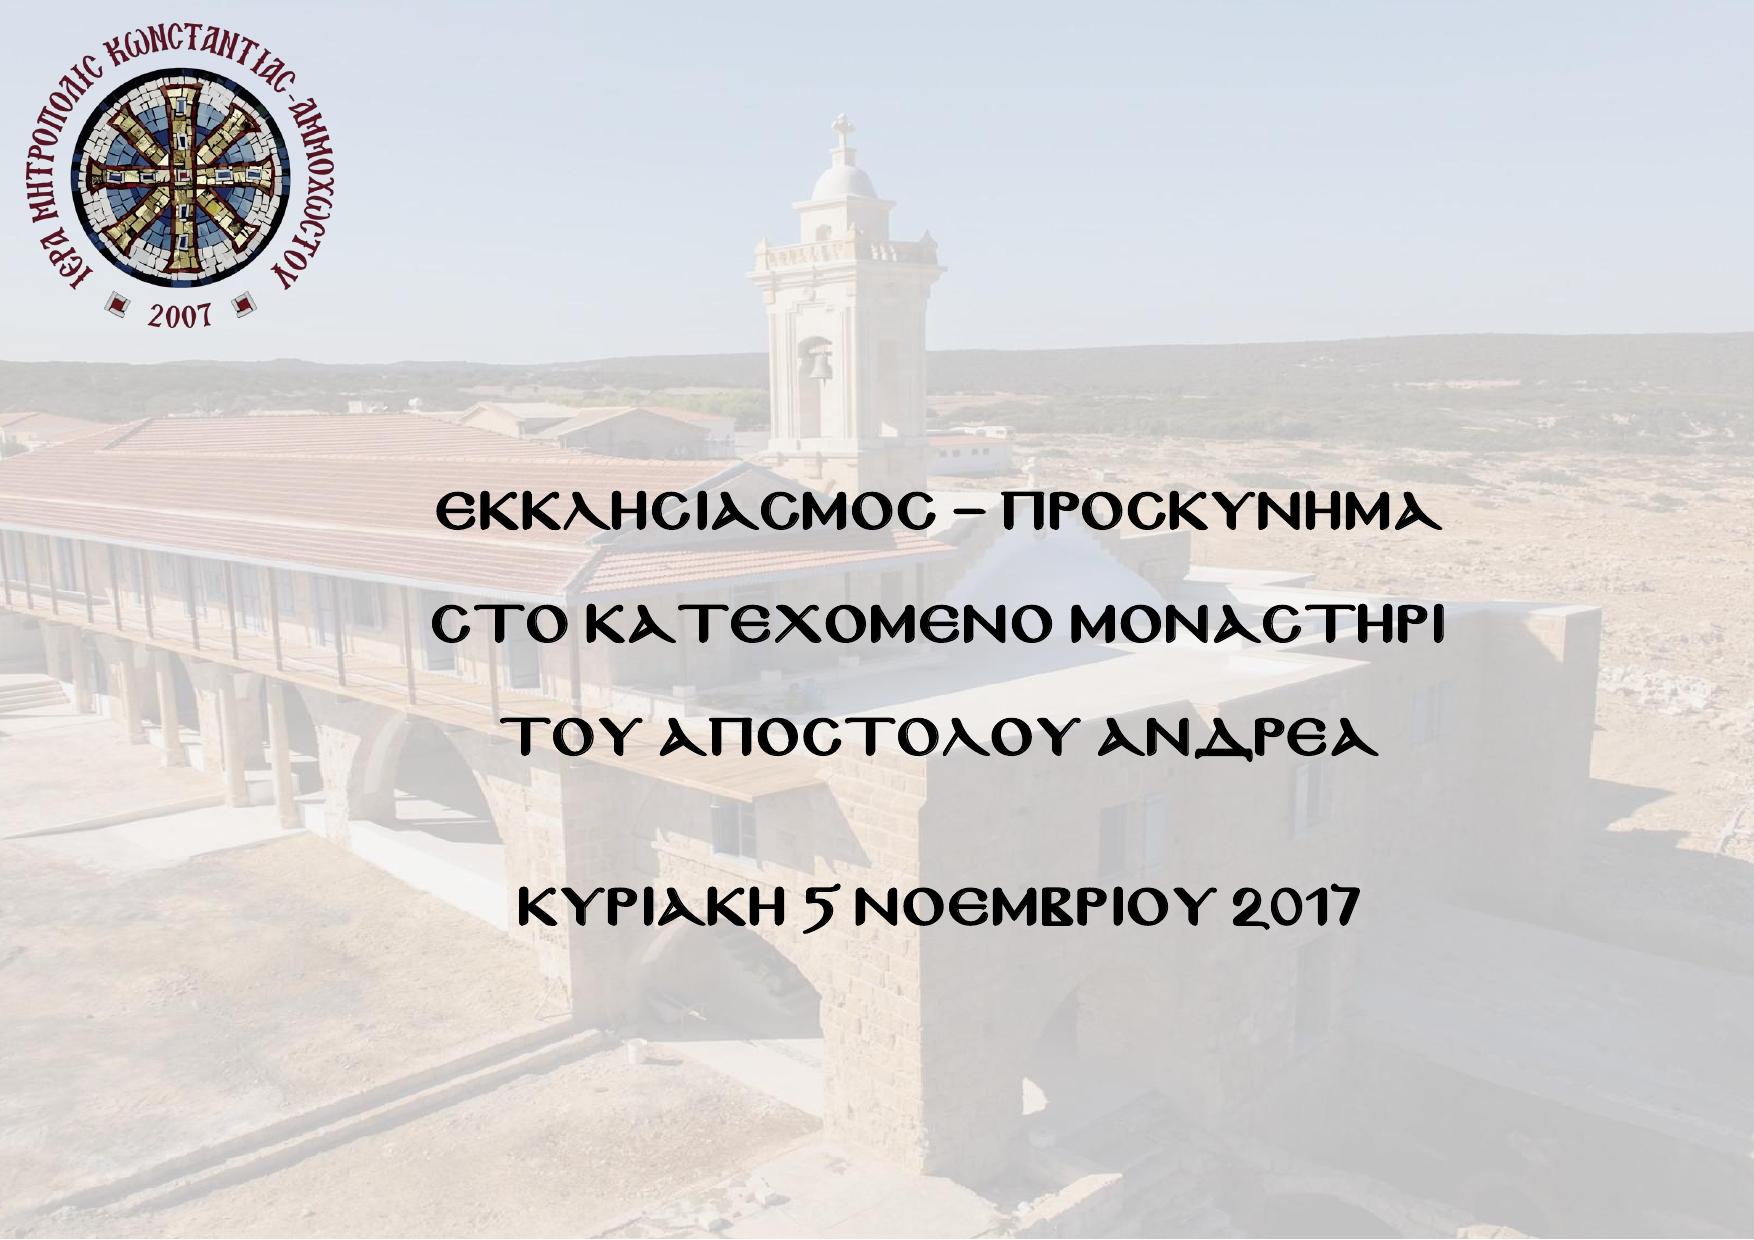 Εκκλησιασμός – Προσκύνημα στον Απόστολο Ανδρέα (5 Νοεμβρίου 2017)